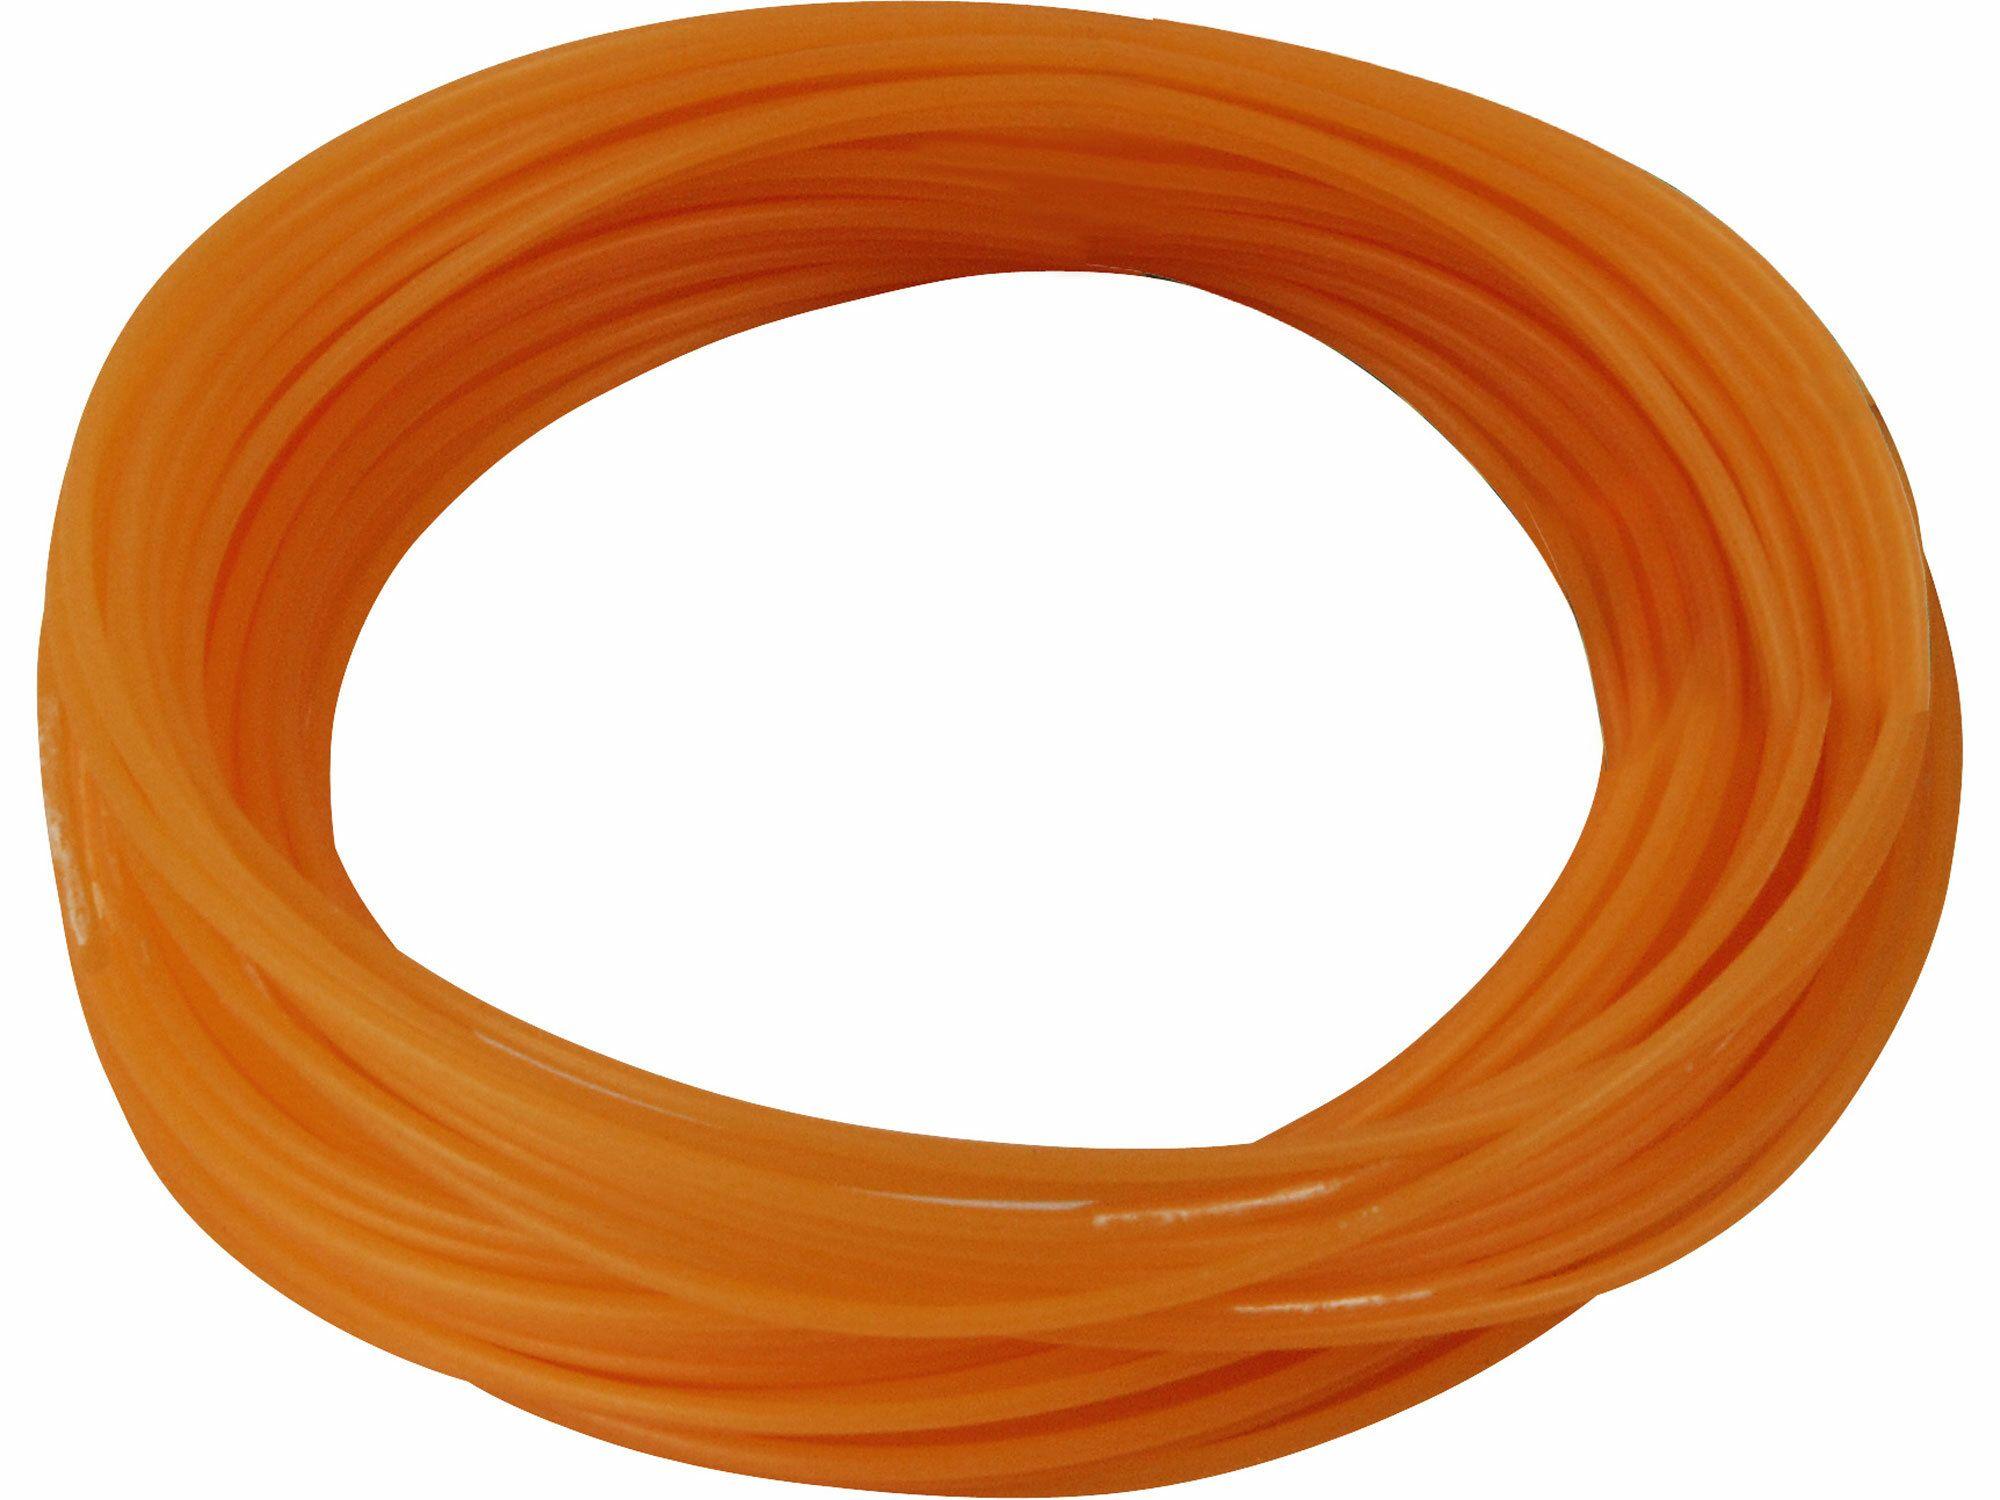 Struna do sekačky, 1,6mm, 15m, kruhový profil, nylon EXTOL-CRAFT